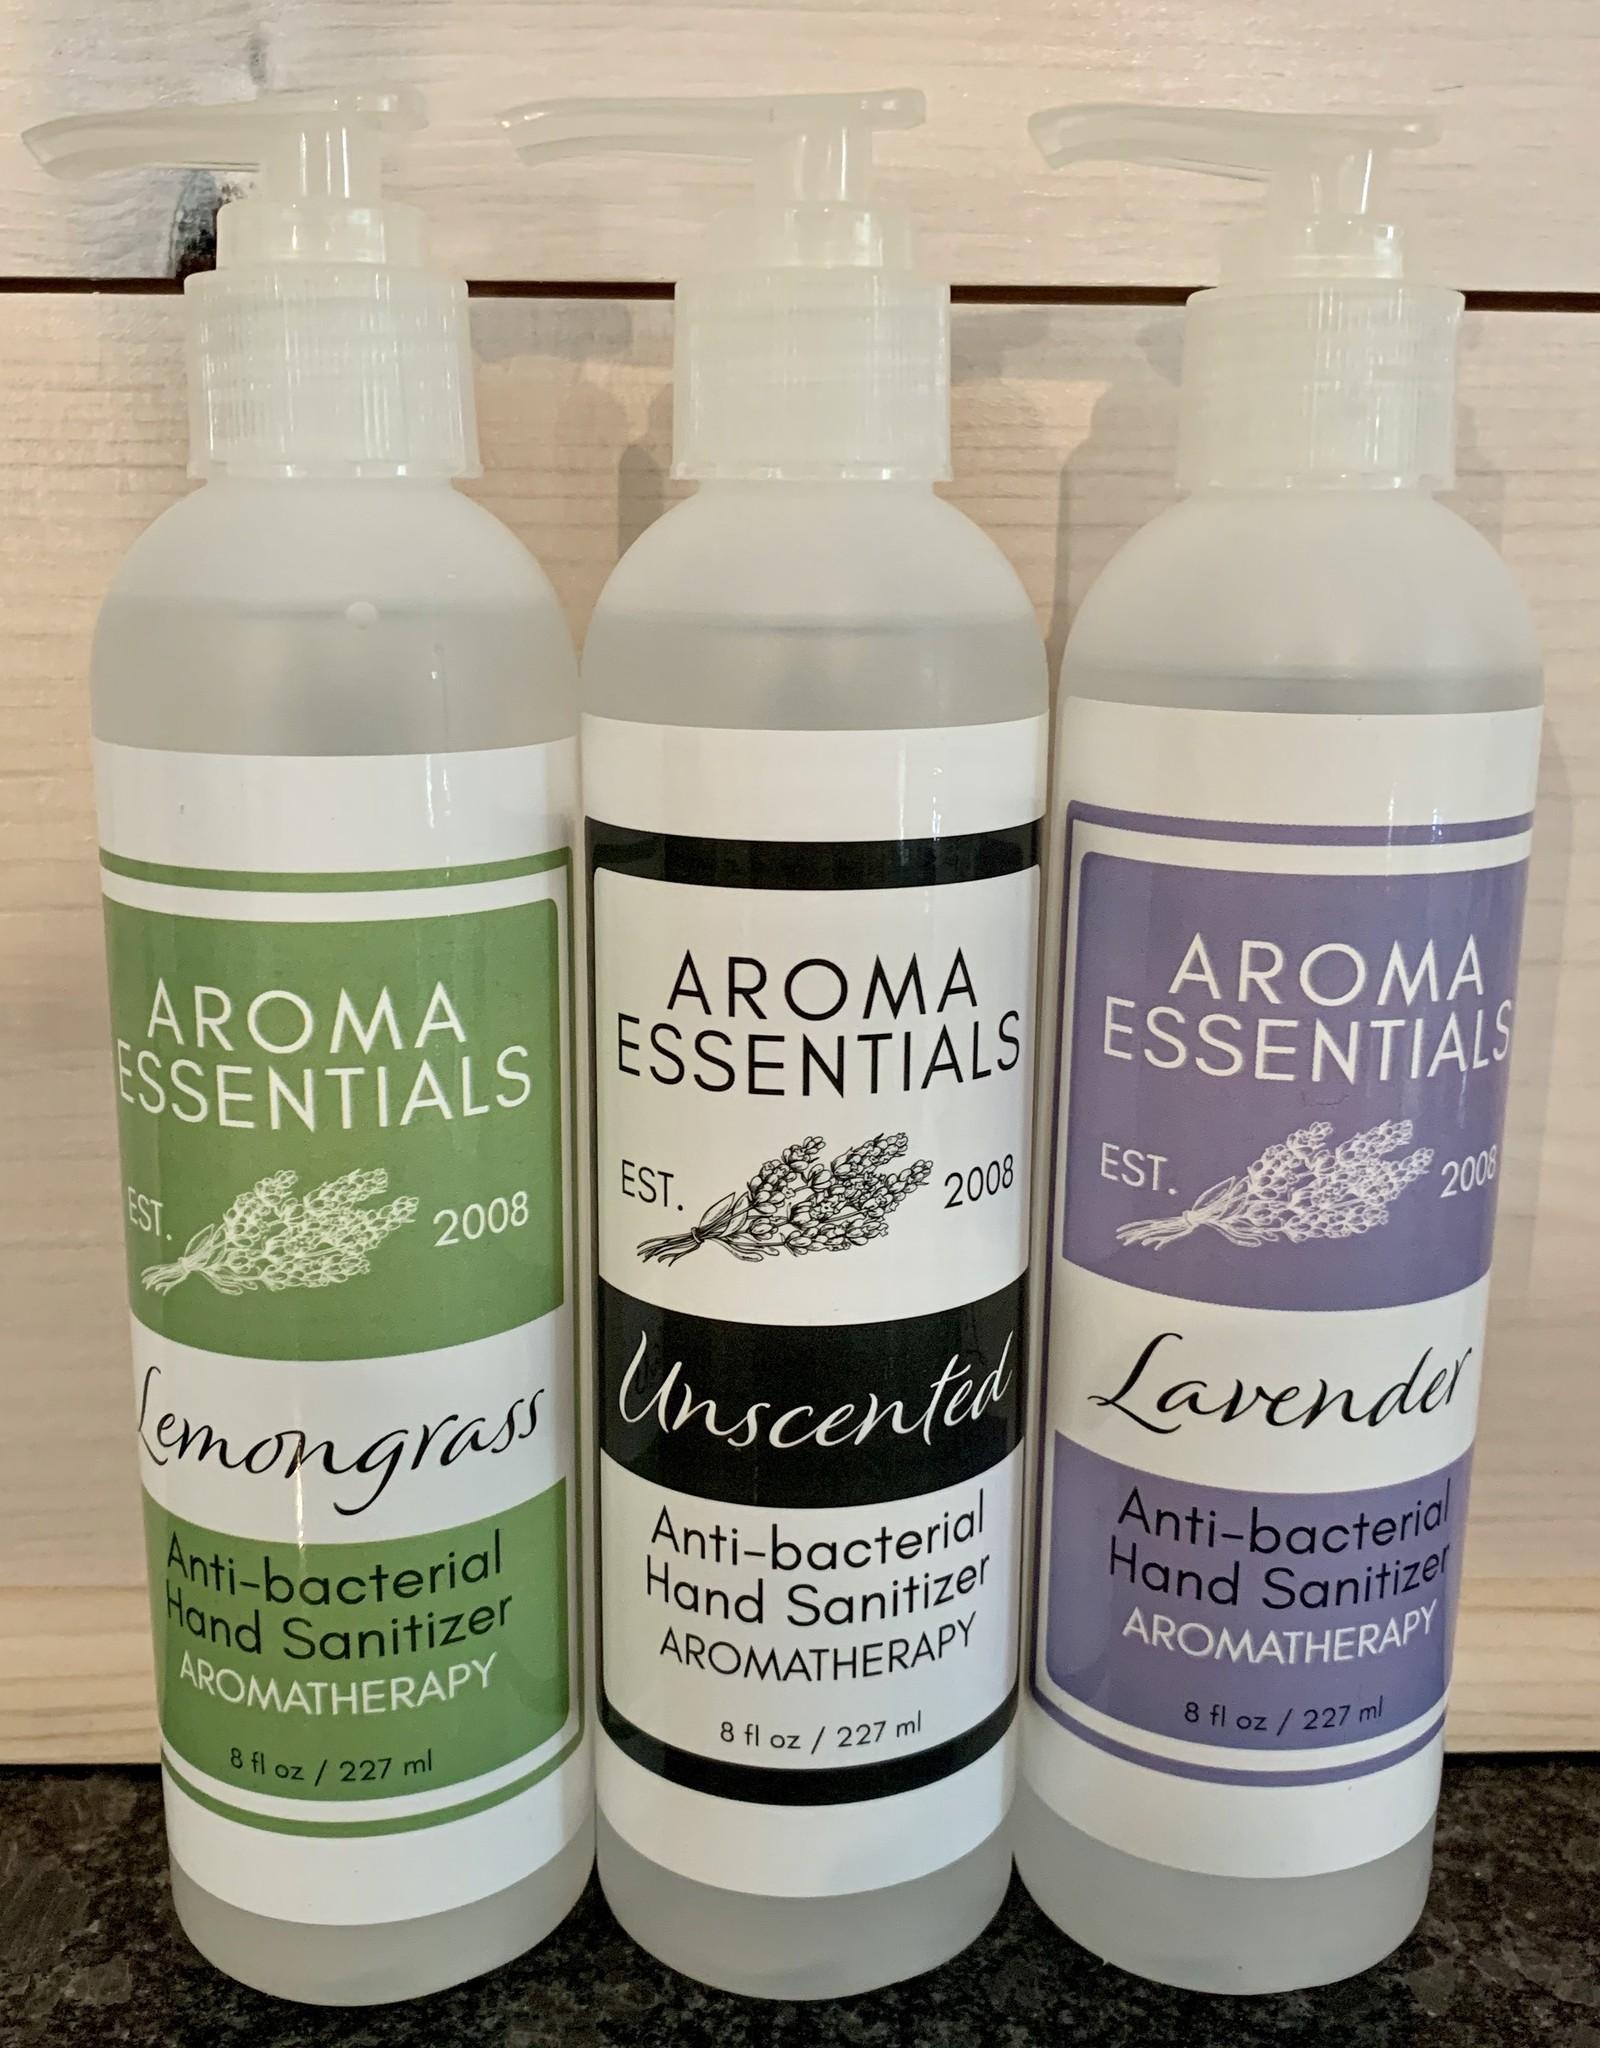 Soy Essentials Soy Essentials - Hand Sanitizer Lemongrass